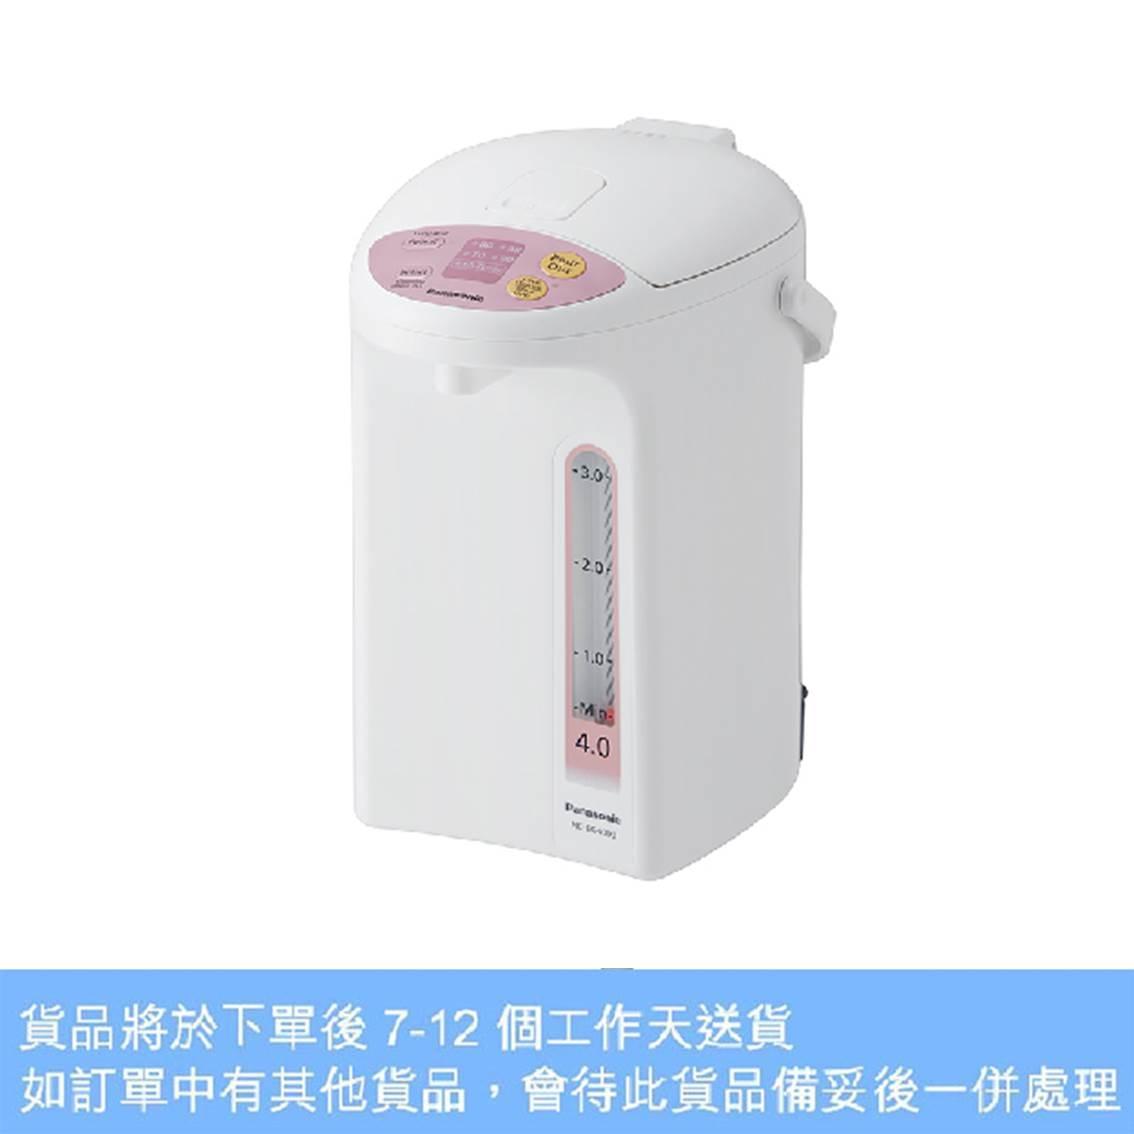 樂聲4L電泵出水電熱水瓶